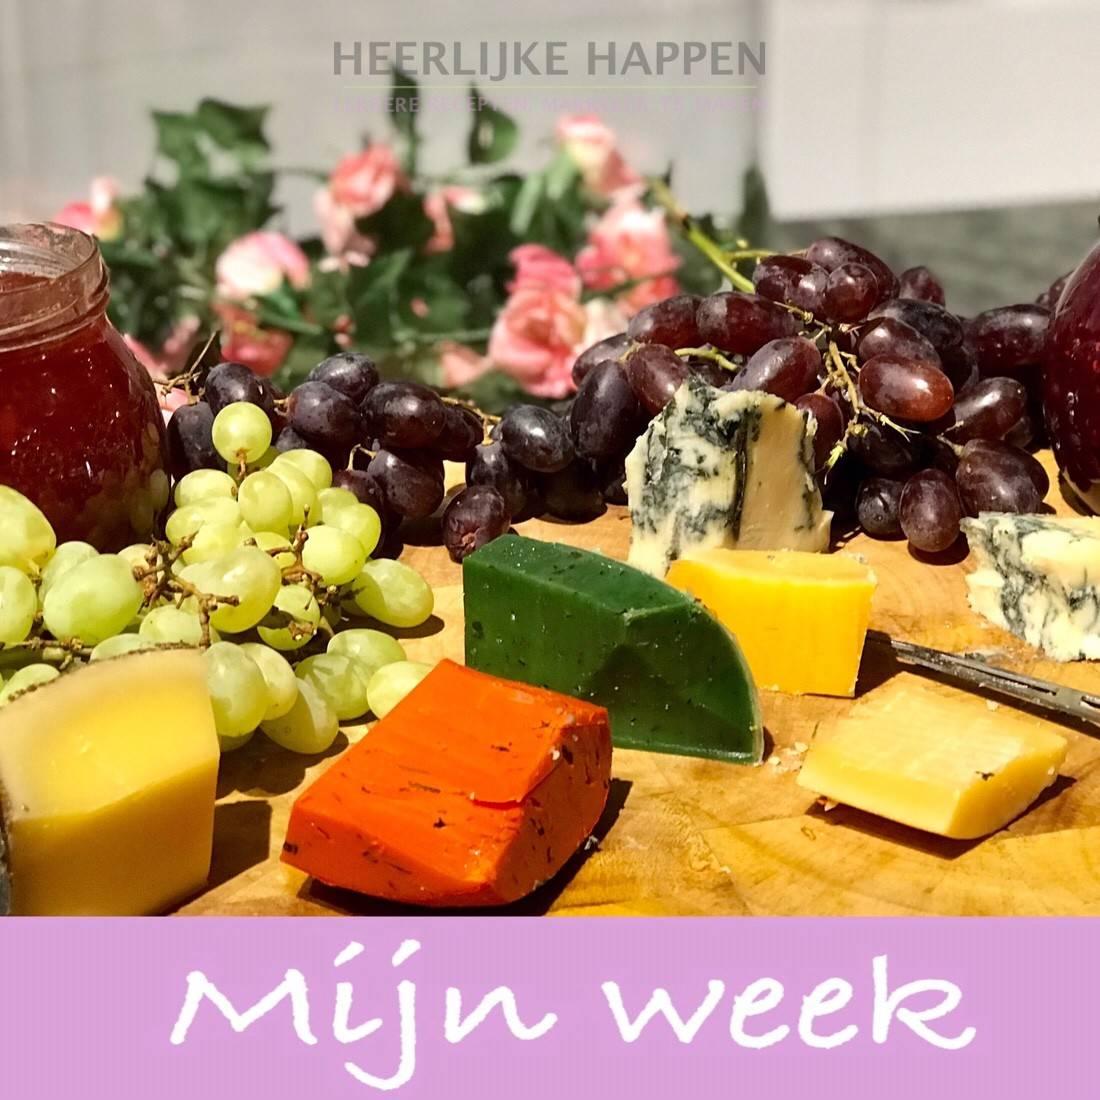 Week 23 weekvlog Heerlijke Happen